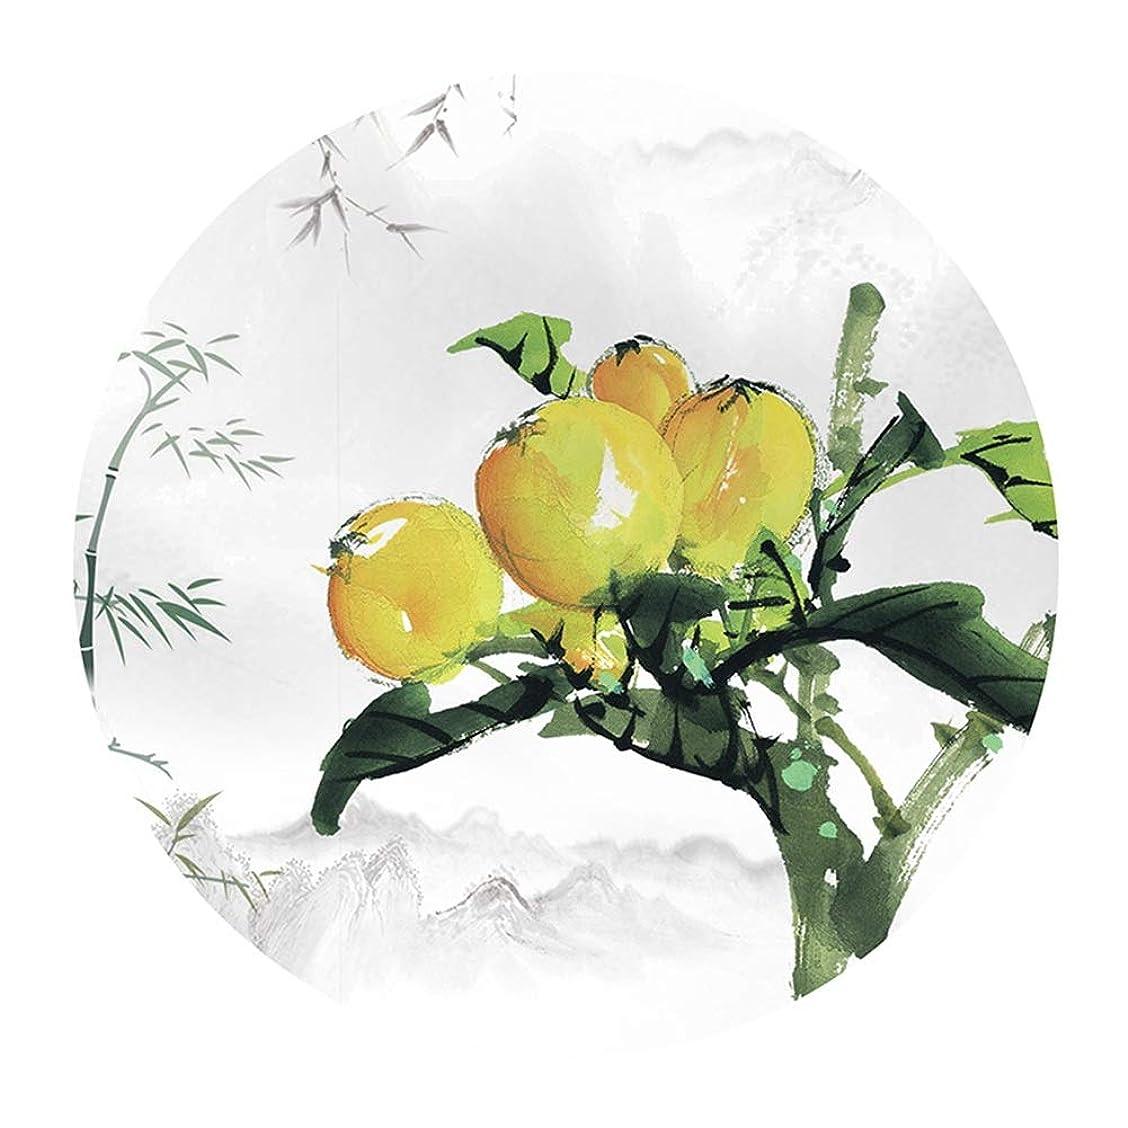 ウィスキー認証絶滅したTINGTING-ラグ,カーペット 新しい中国のラウンド古代レトロ古典的な農村植物の花の果実 (色 : オレンジ, サイズ さいず : 80)